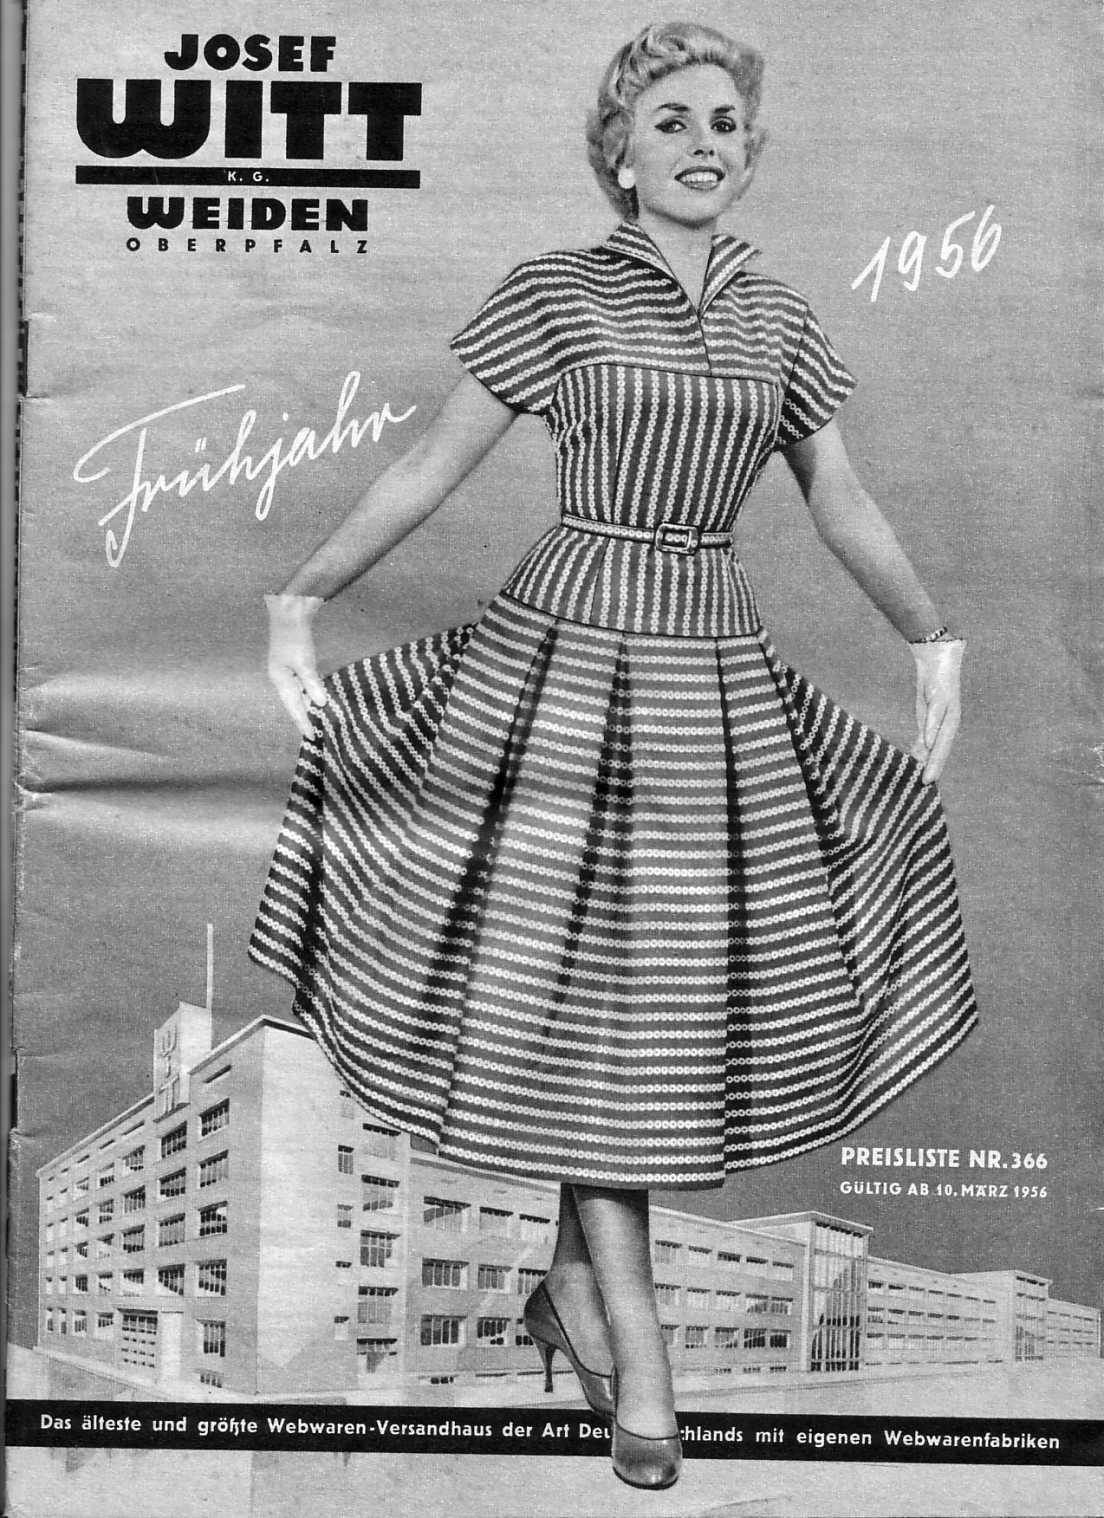 7d916fc82c534c Vom ältesten deutschen Textil-Versandhaus Josef Witt - Weiden (seit 1907)  habe ich bereits einen Katalog von 1938 vorgestellt.